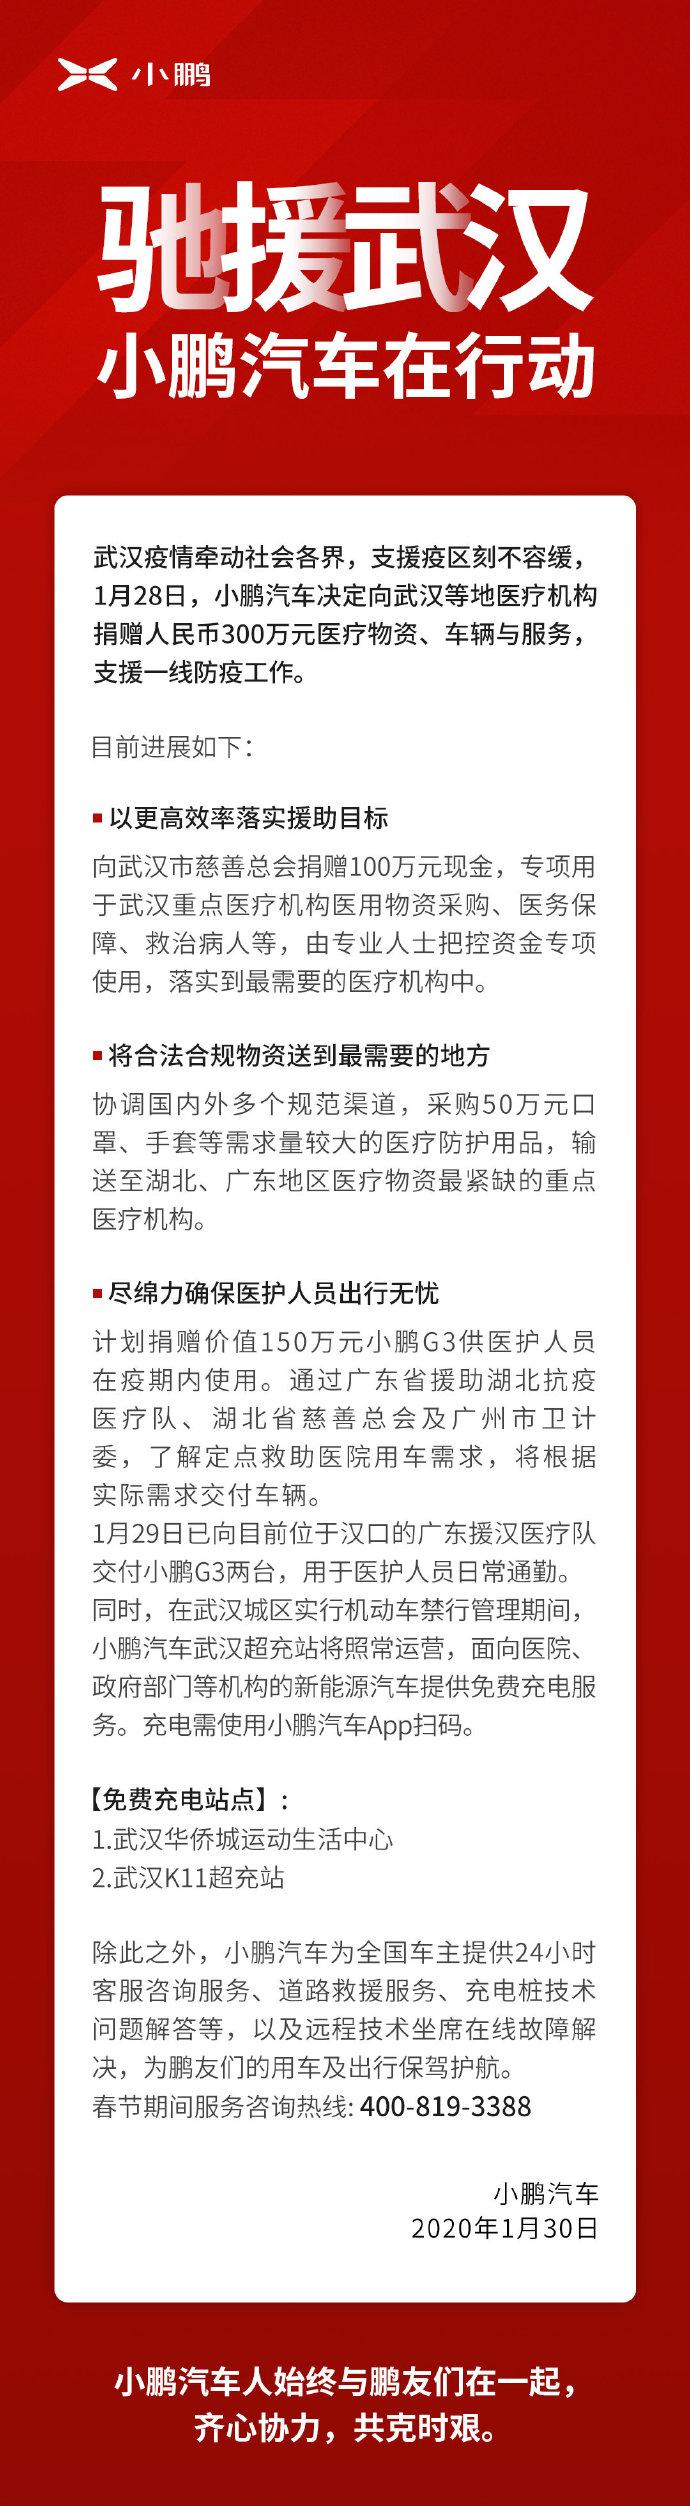 小鹏汽车向武汉等地医疗机构捐赠人民币300万元医疗物资、车辆与服务